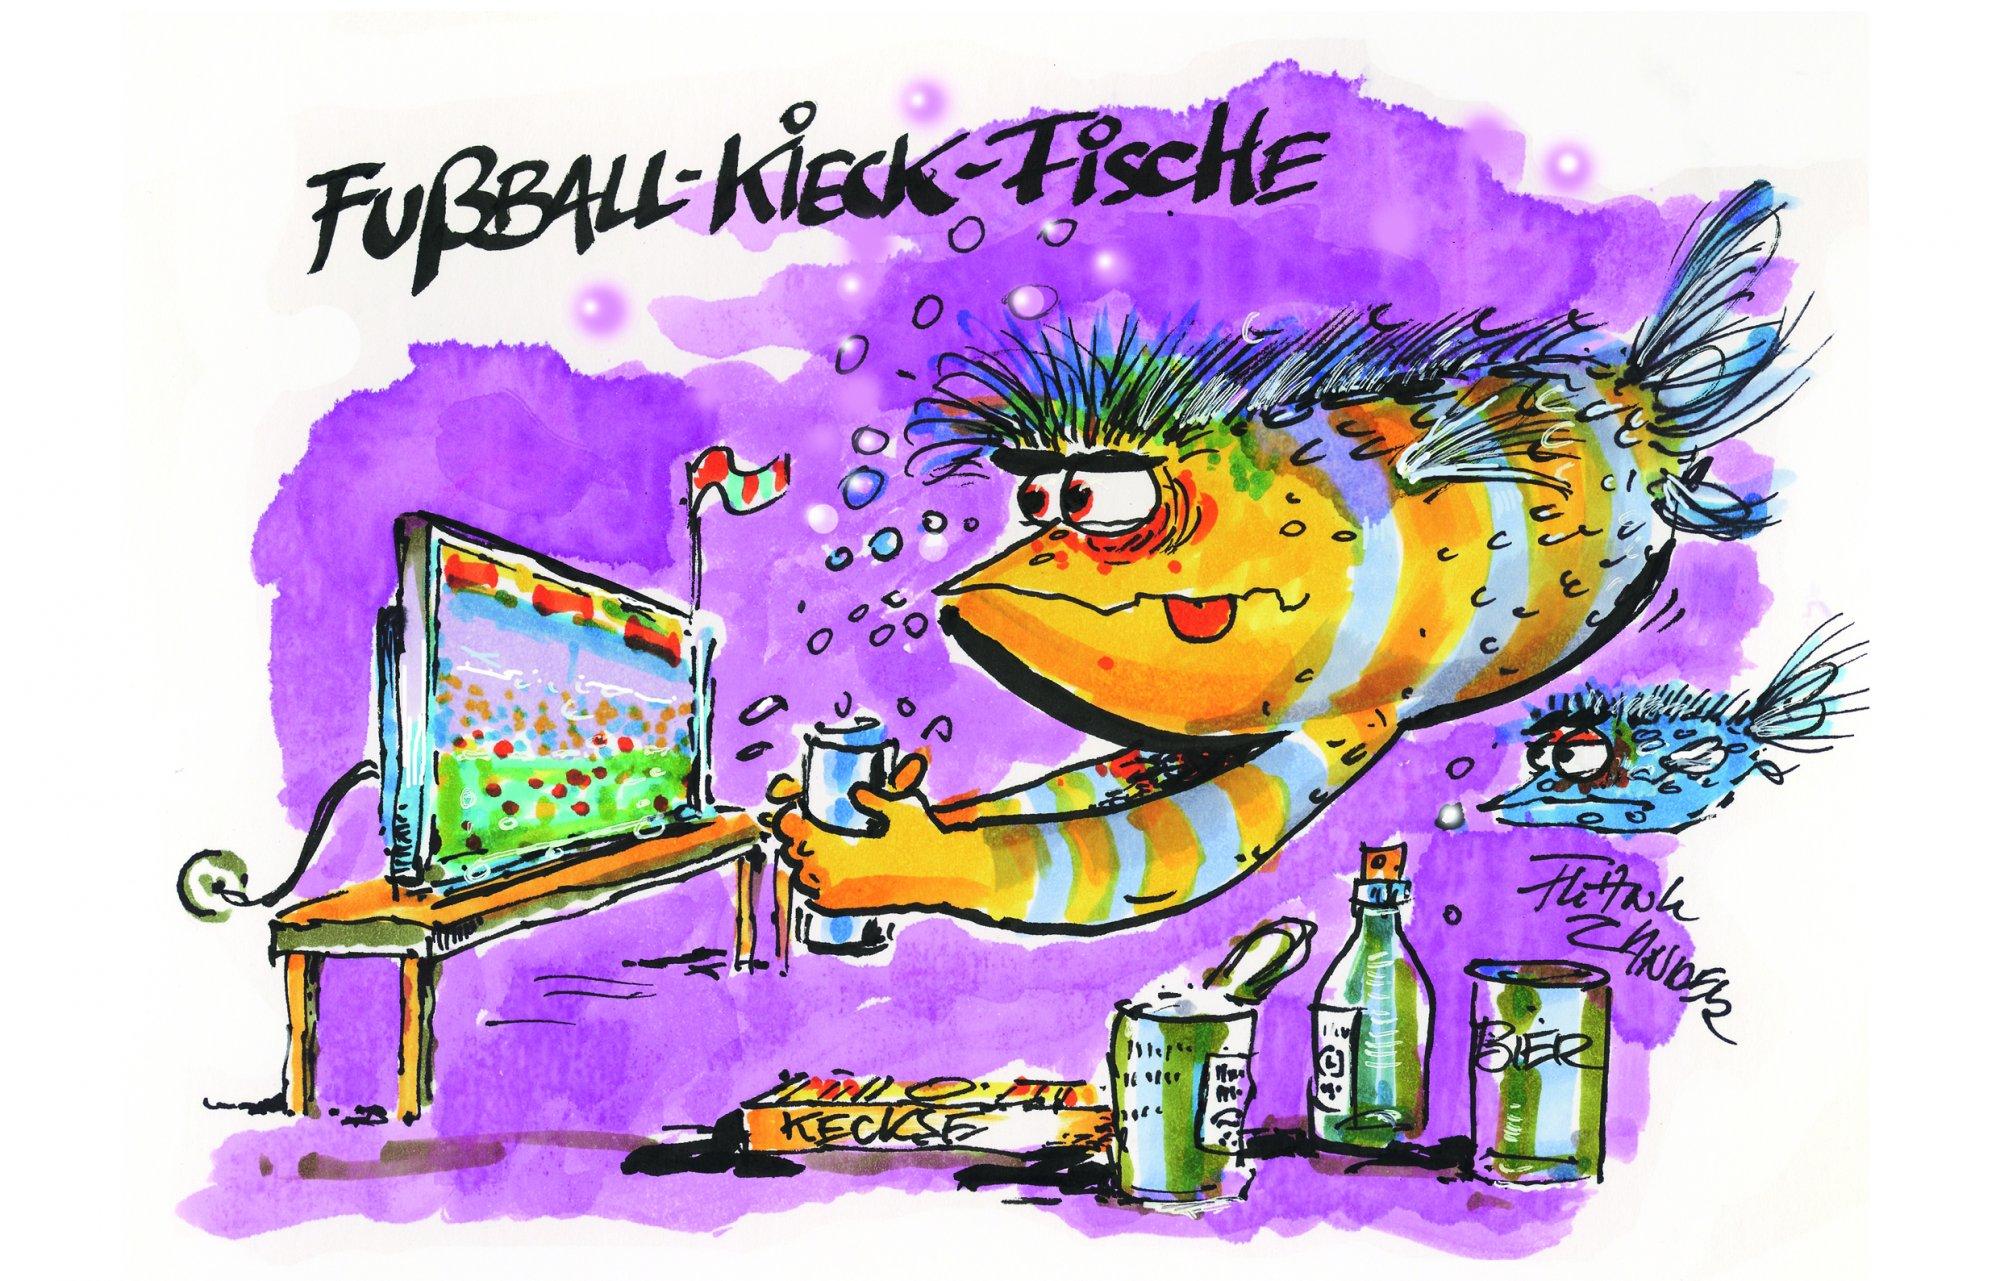 FUßBALL-KIEK-FISCH